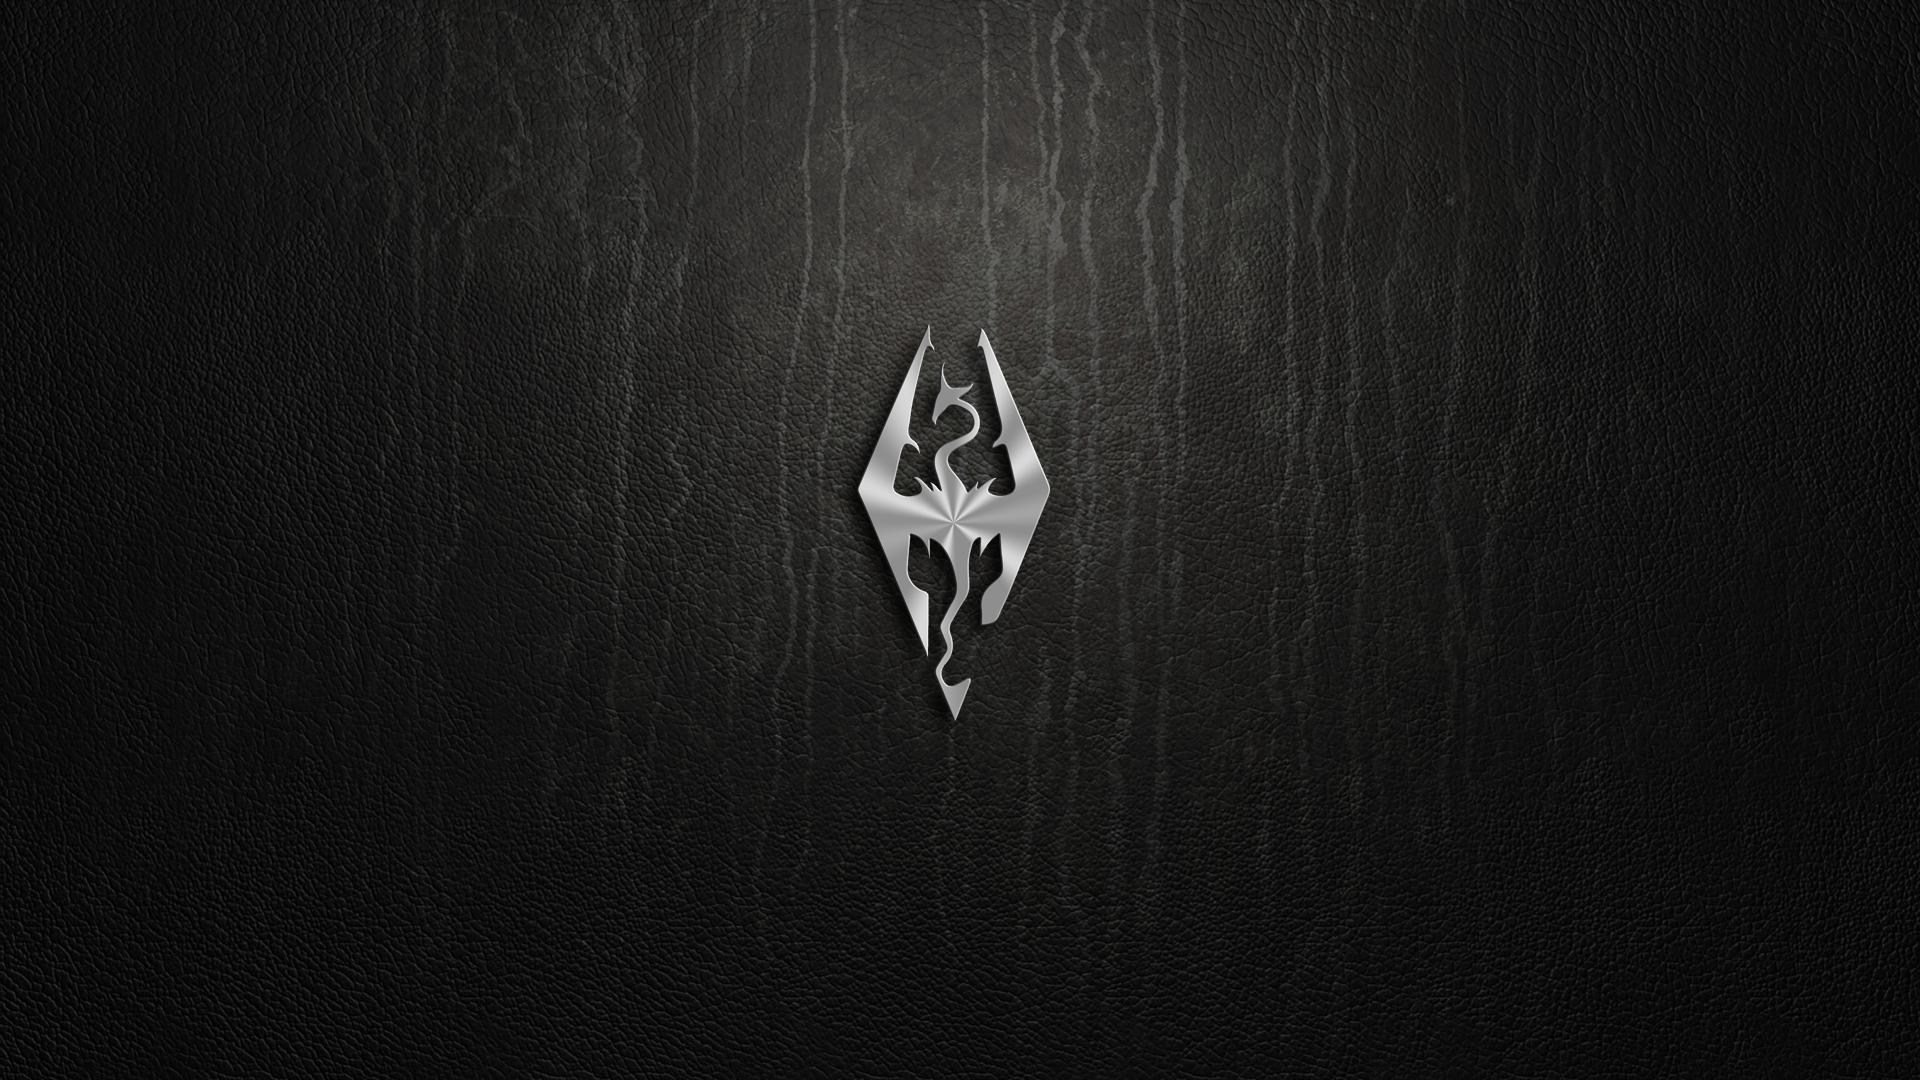 The Elder Scrolls V Skyrim Wallpapers Pictures Images